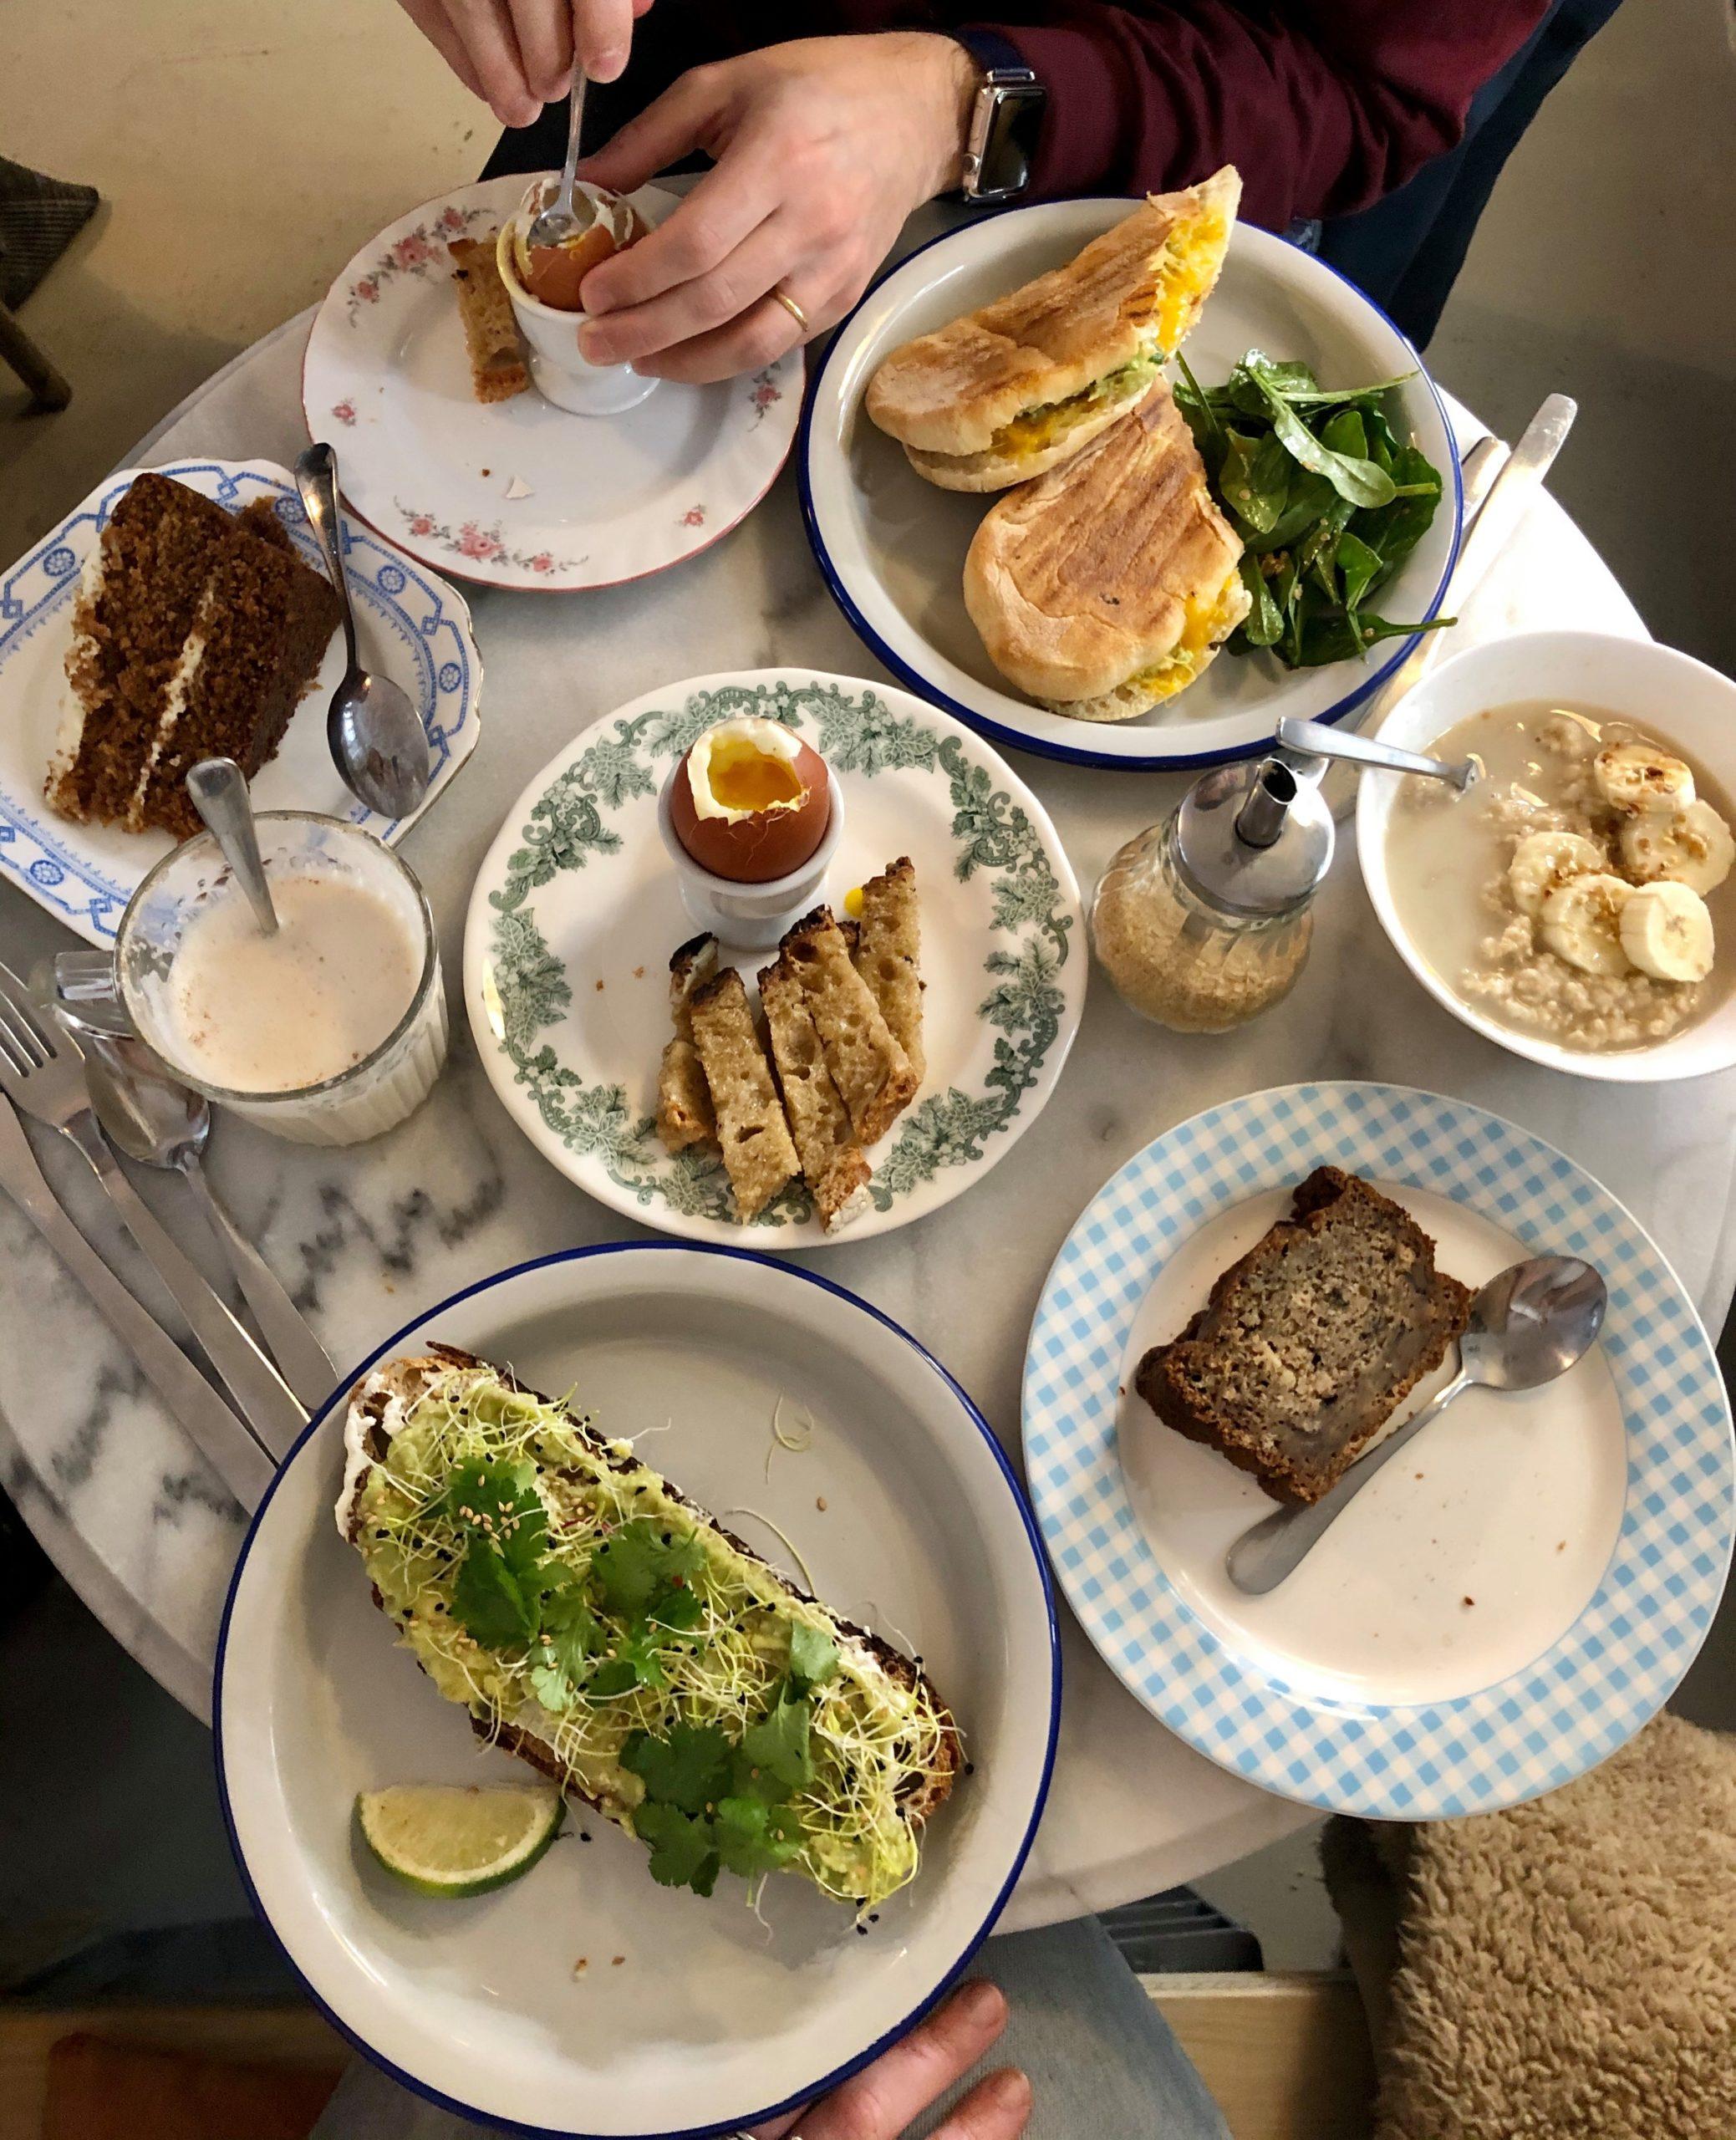 restaurant batignolles lesbatignolles paris 17 blog food coffee shop brunch